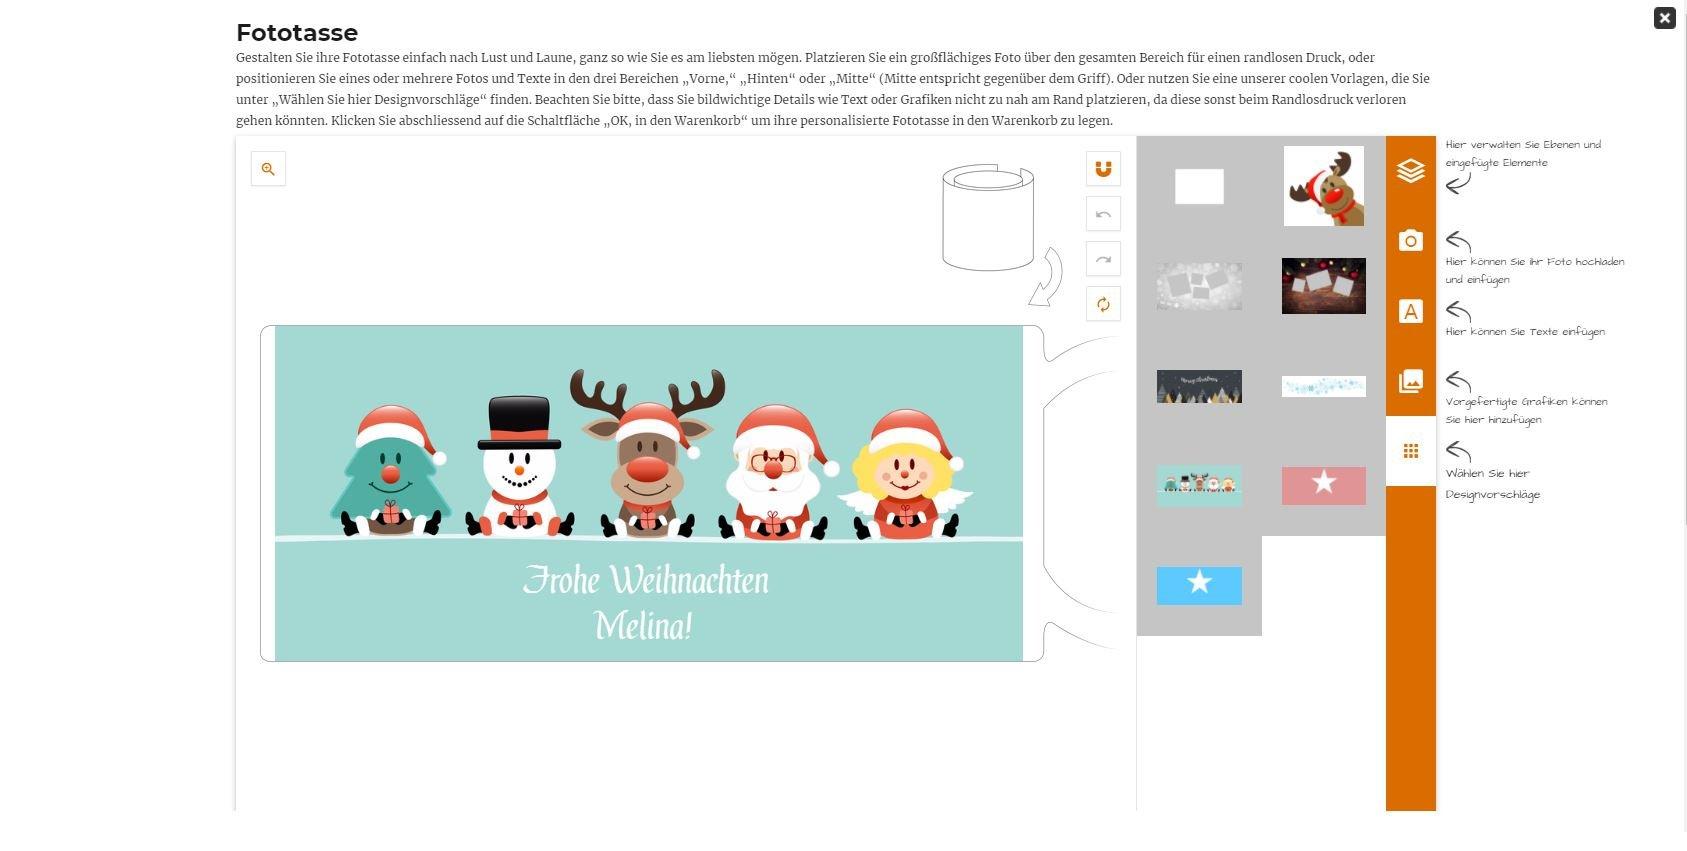 Fototasse zu Weihnachten LOOXIS GmbH